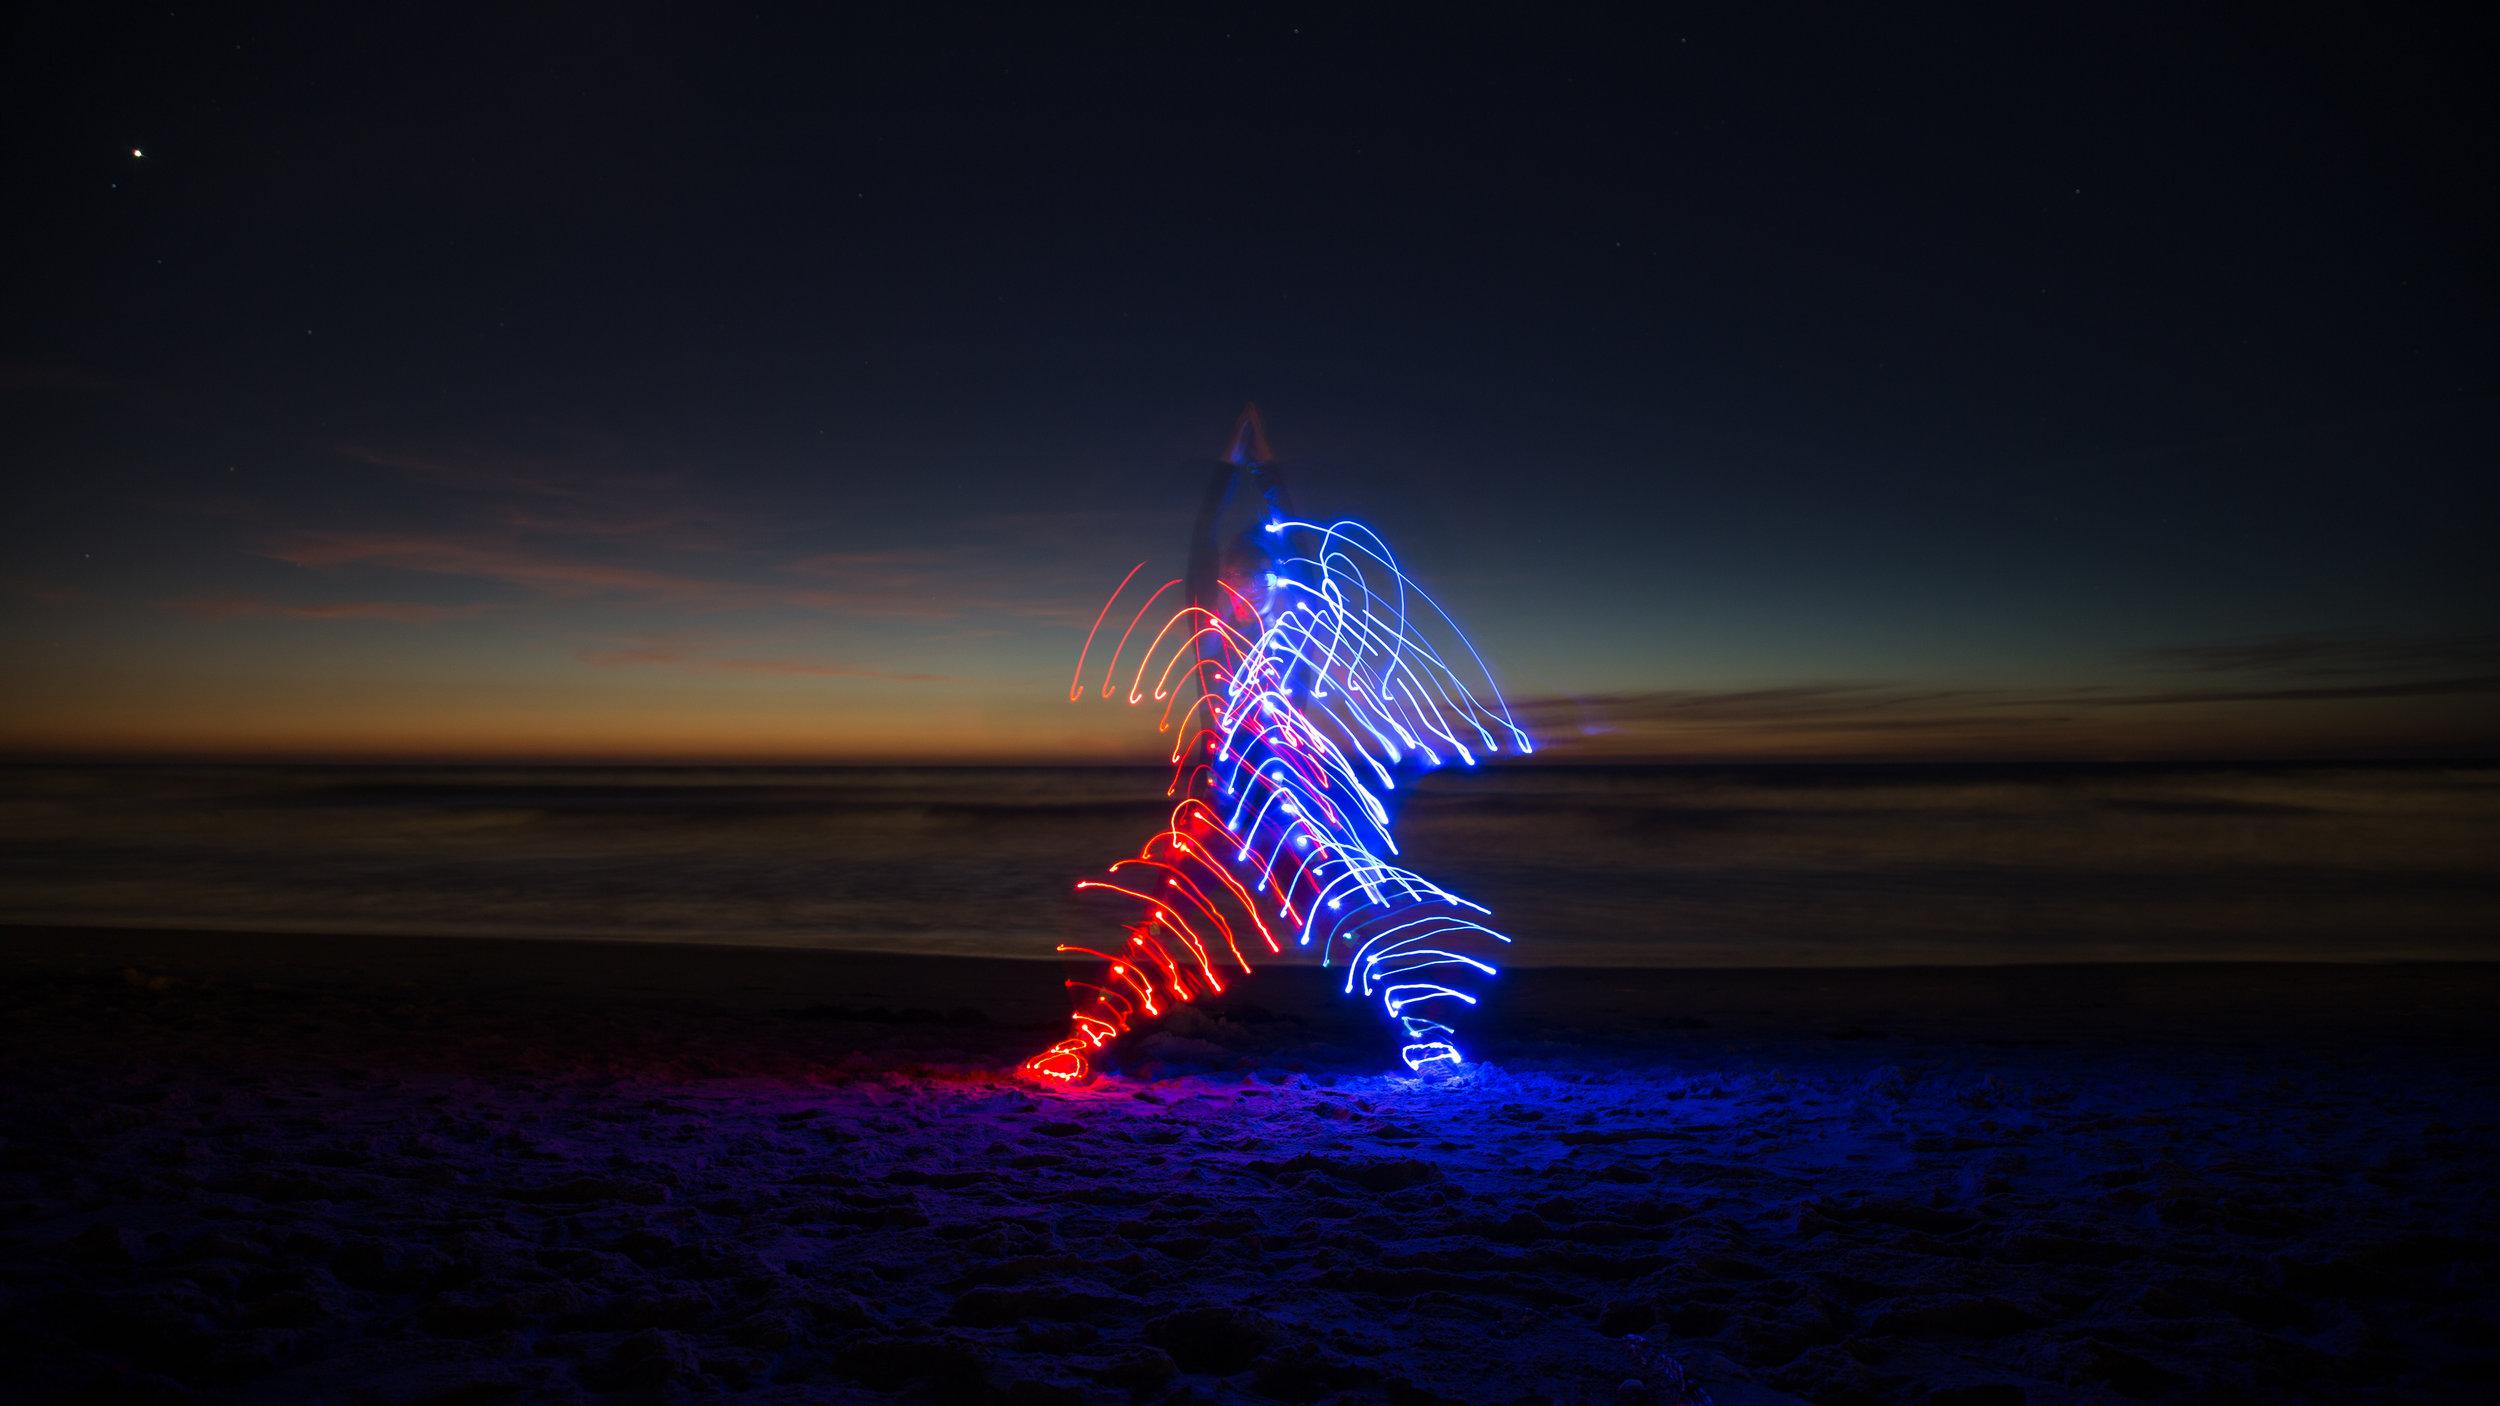 Abstract_Beach_LEDs_Dance-Sandoval_Caryn-005.jpg